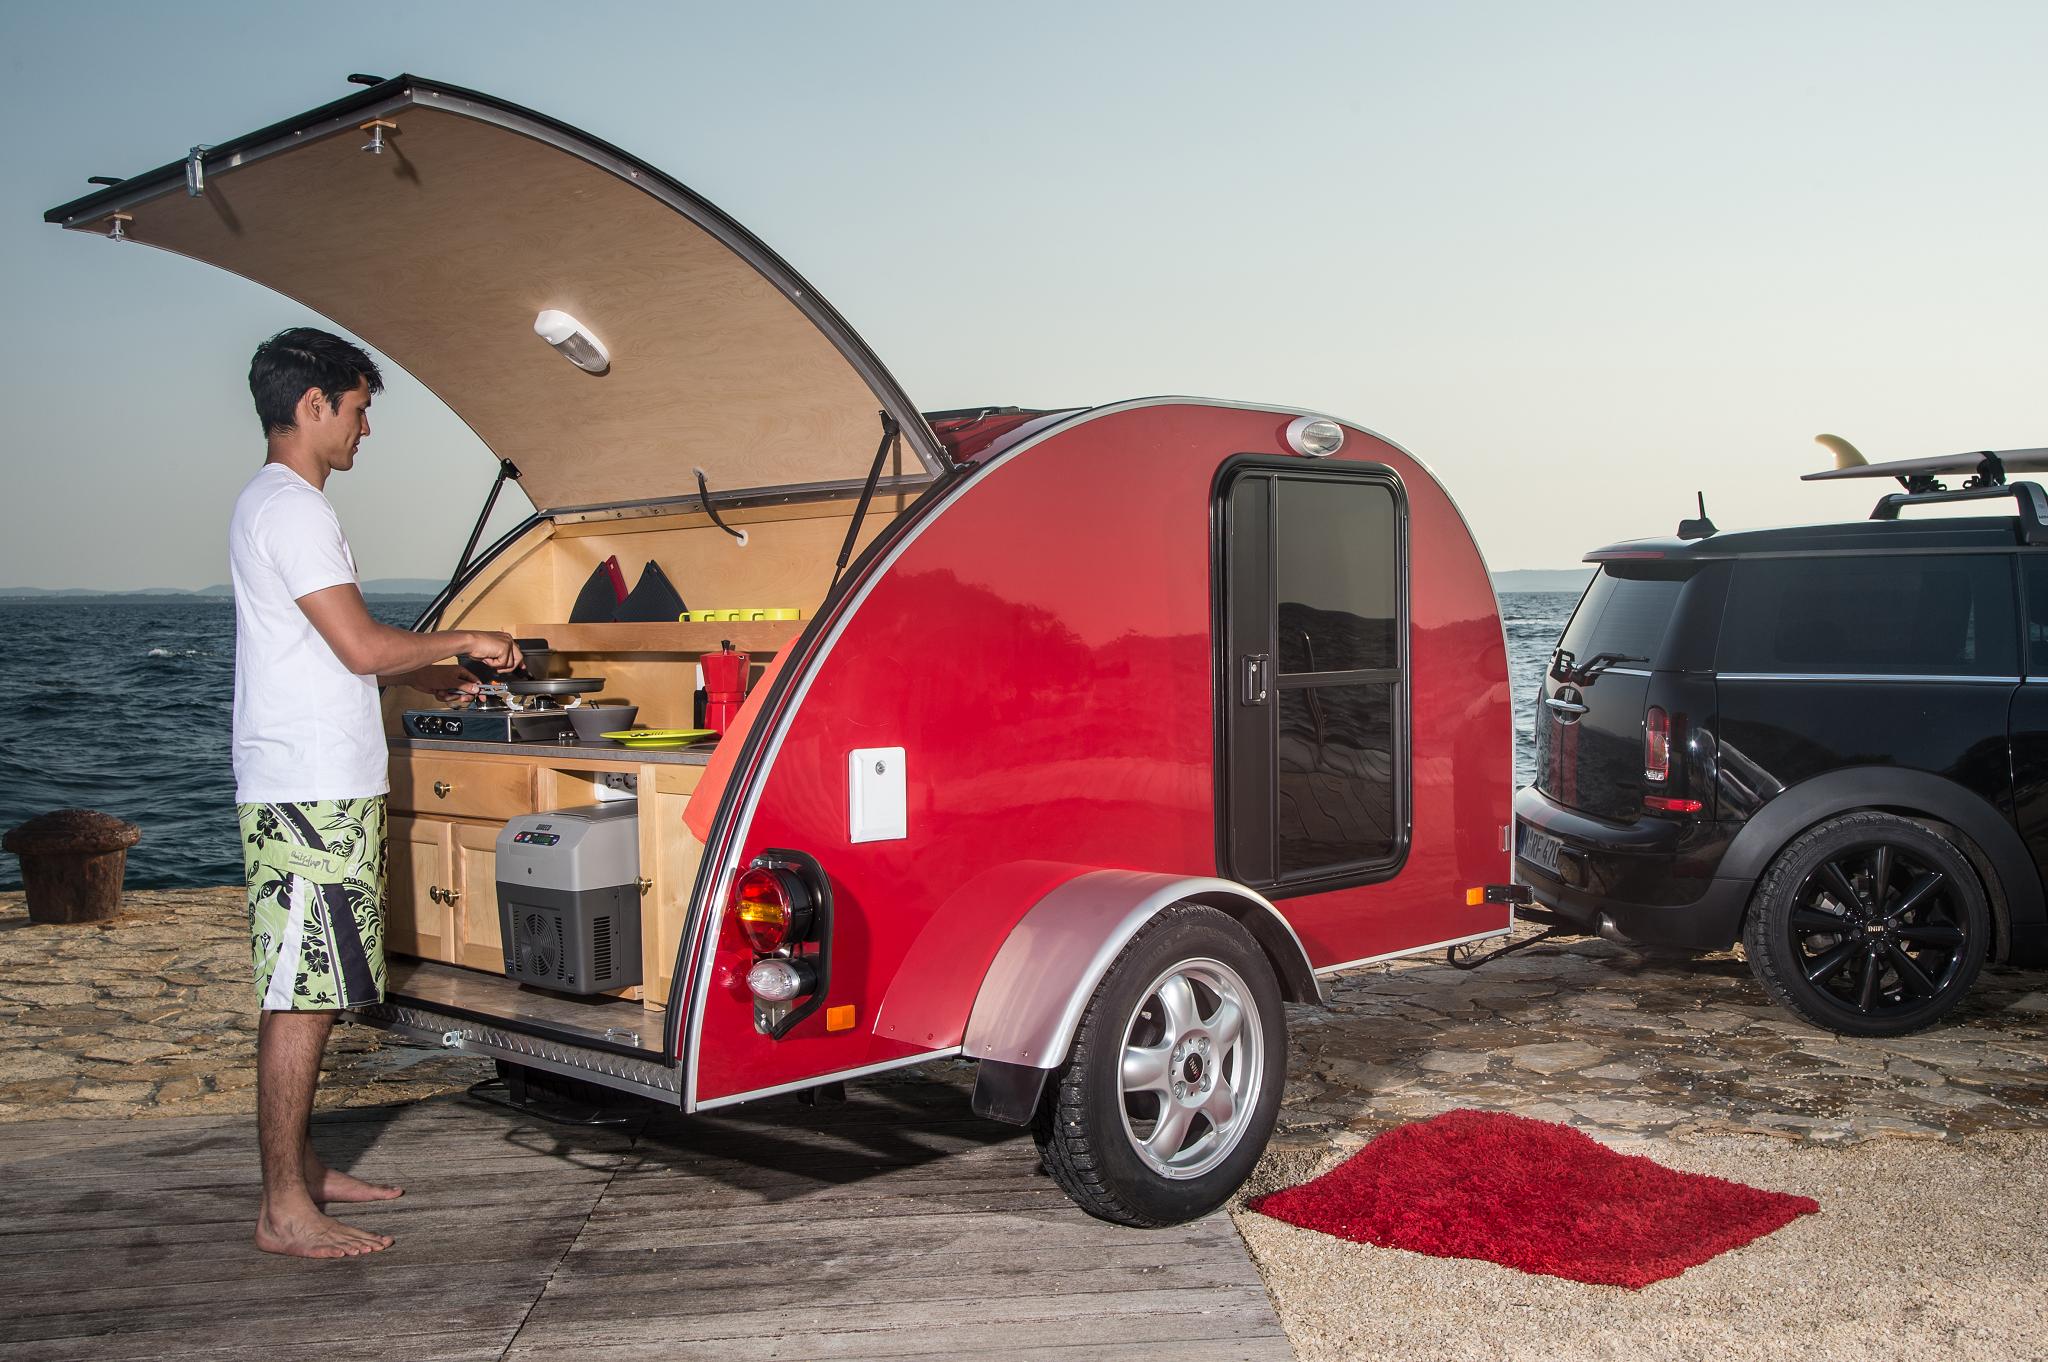 The MINI Cowley Caravan 5